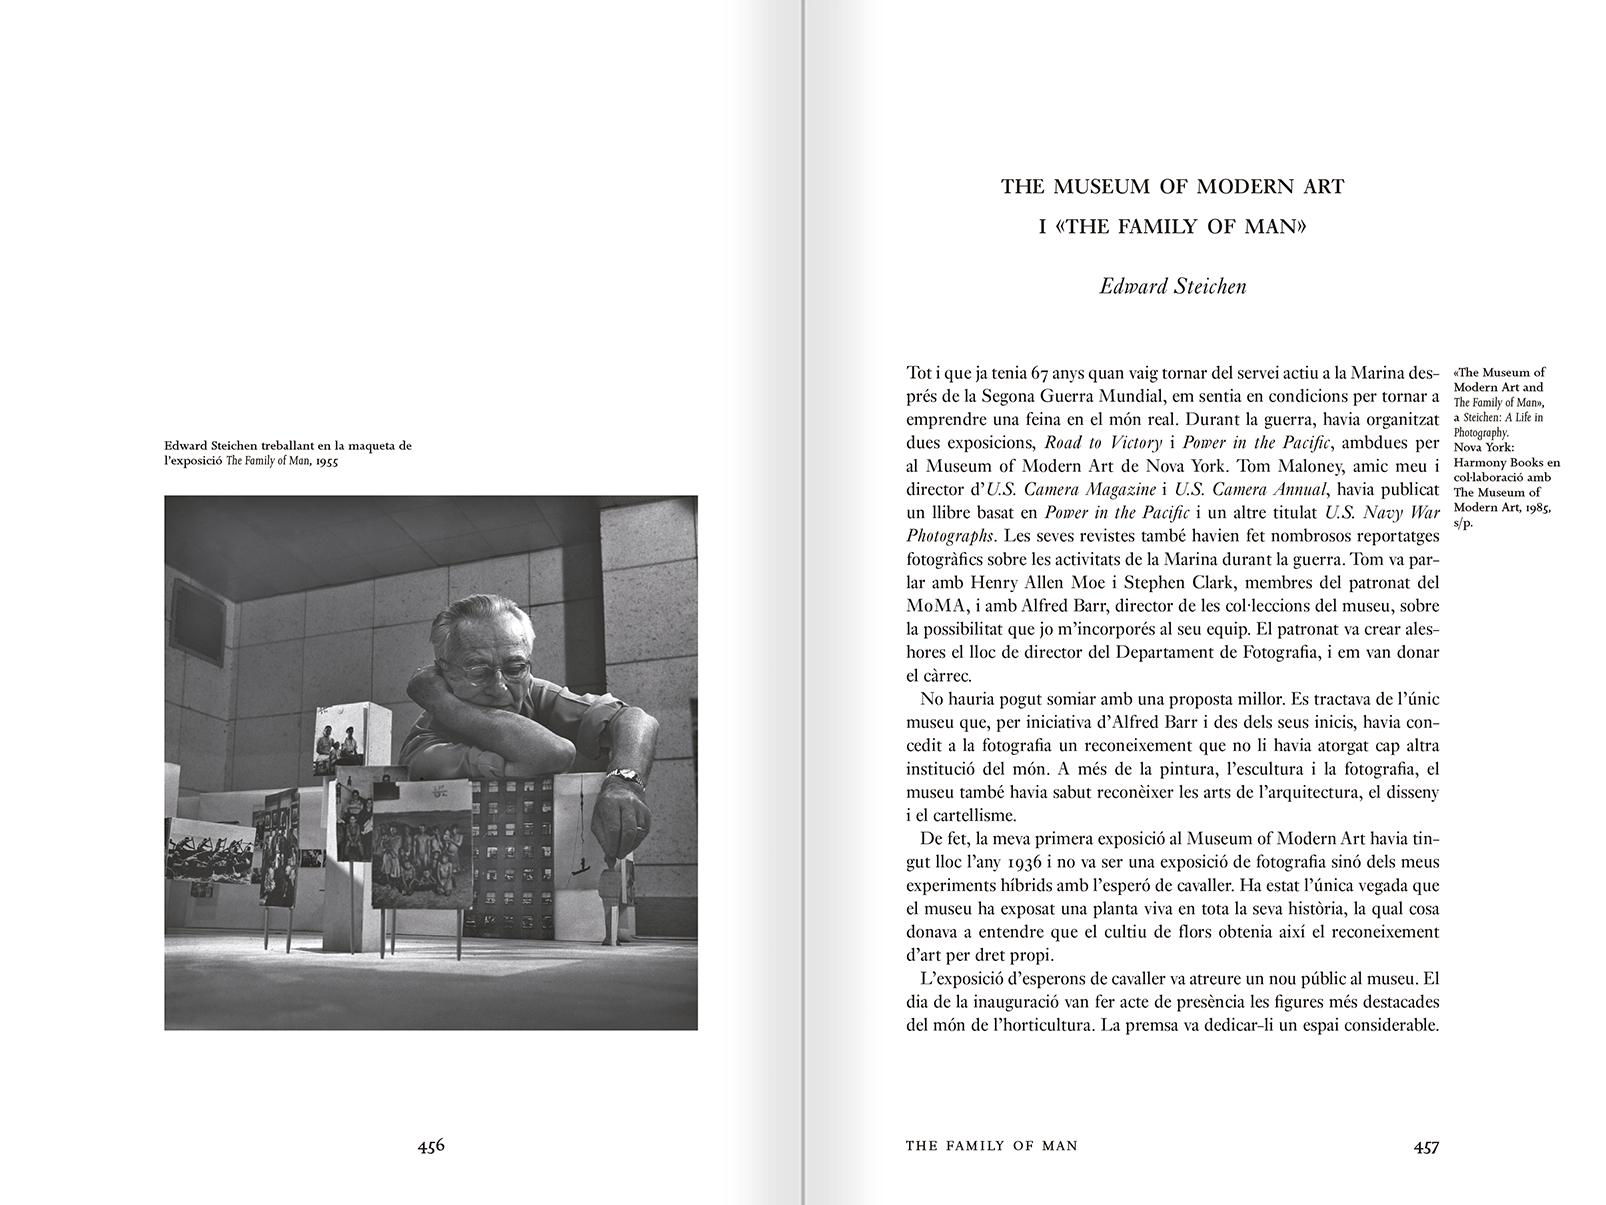 """Selección del catálogo """"Espacios fotográficos públicos. Exposiciones de propaganda, de Pressa a The Family of Man, 1928-1955"""" páginas 456 y 457"""